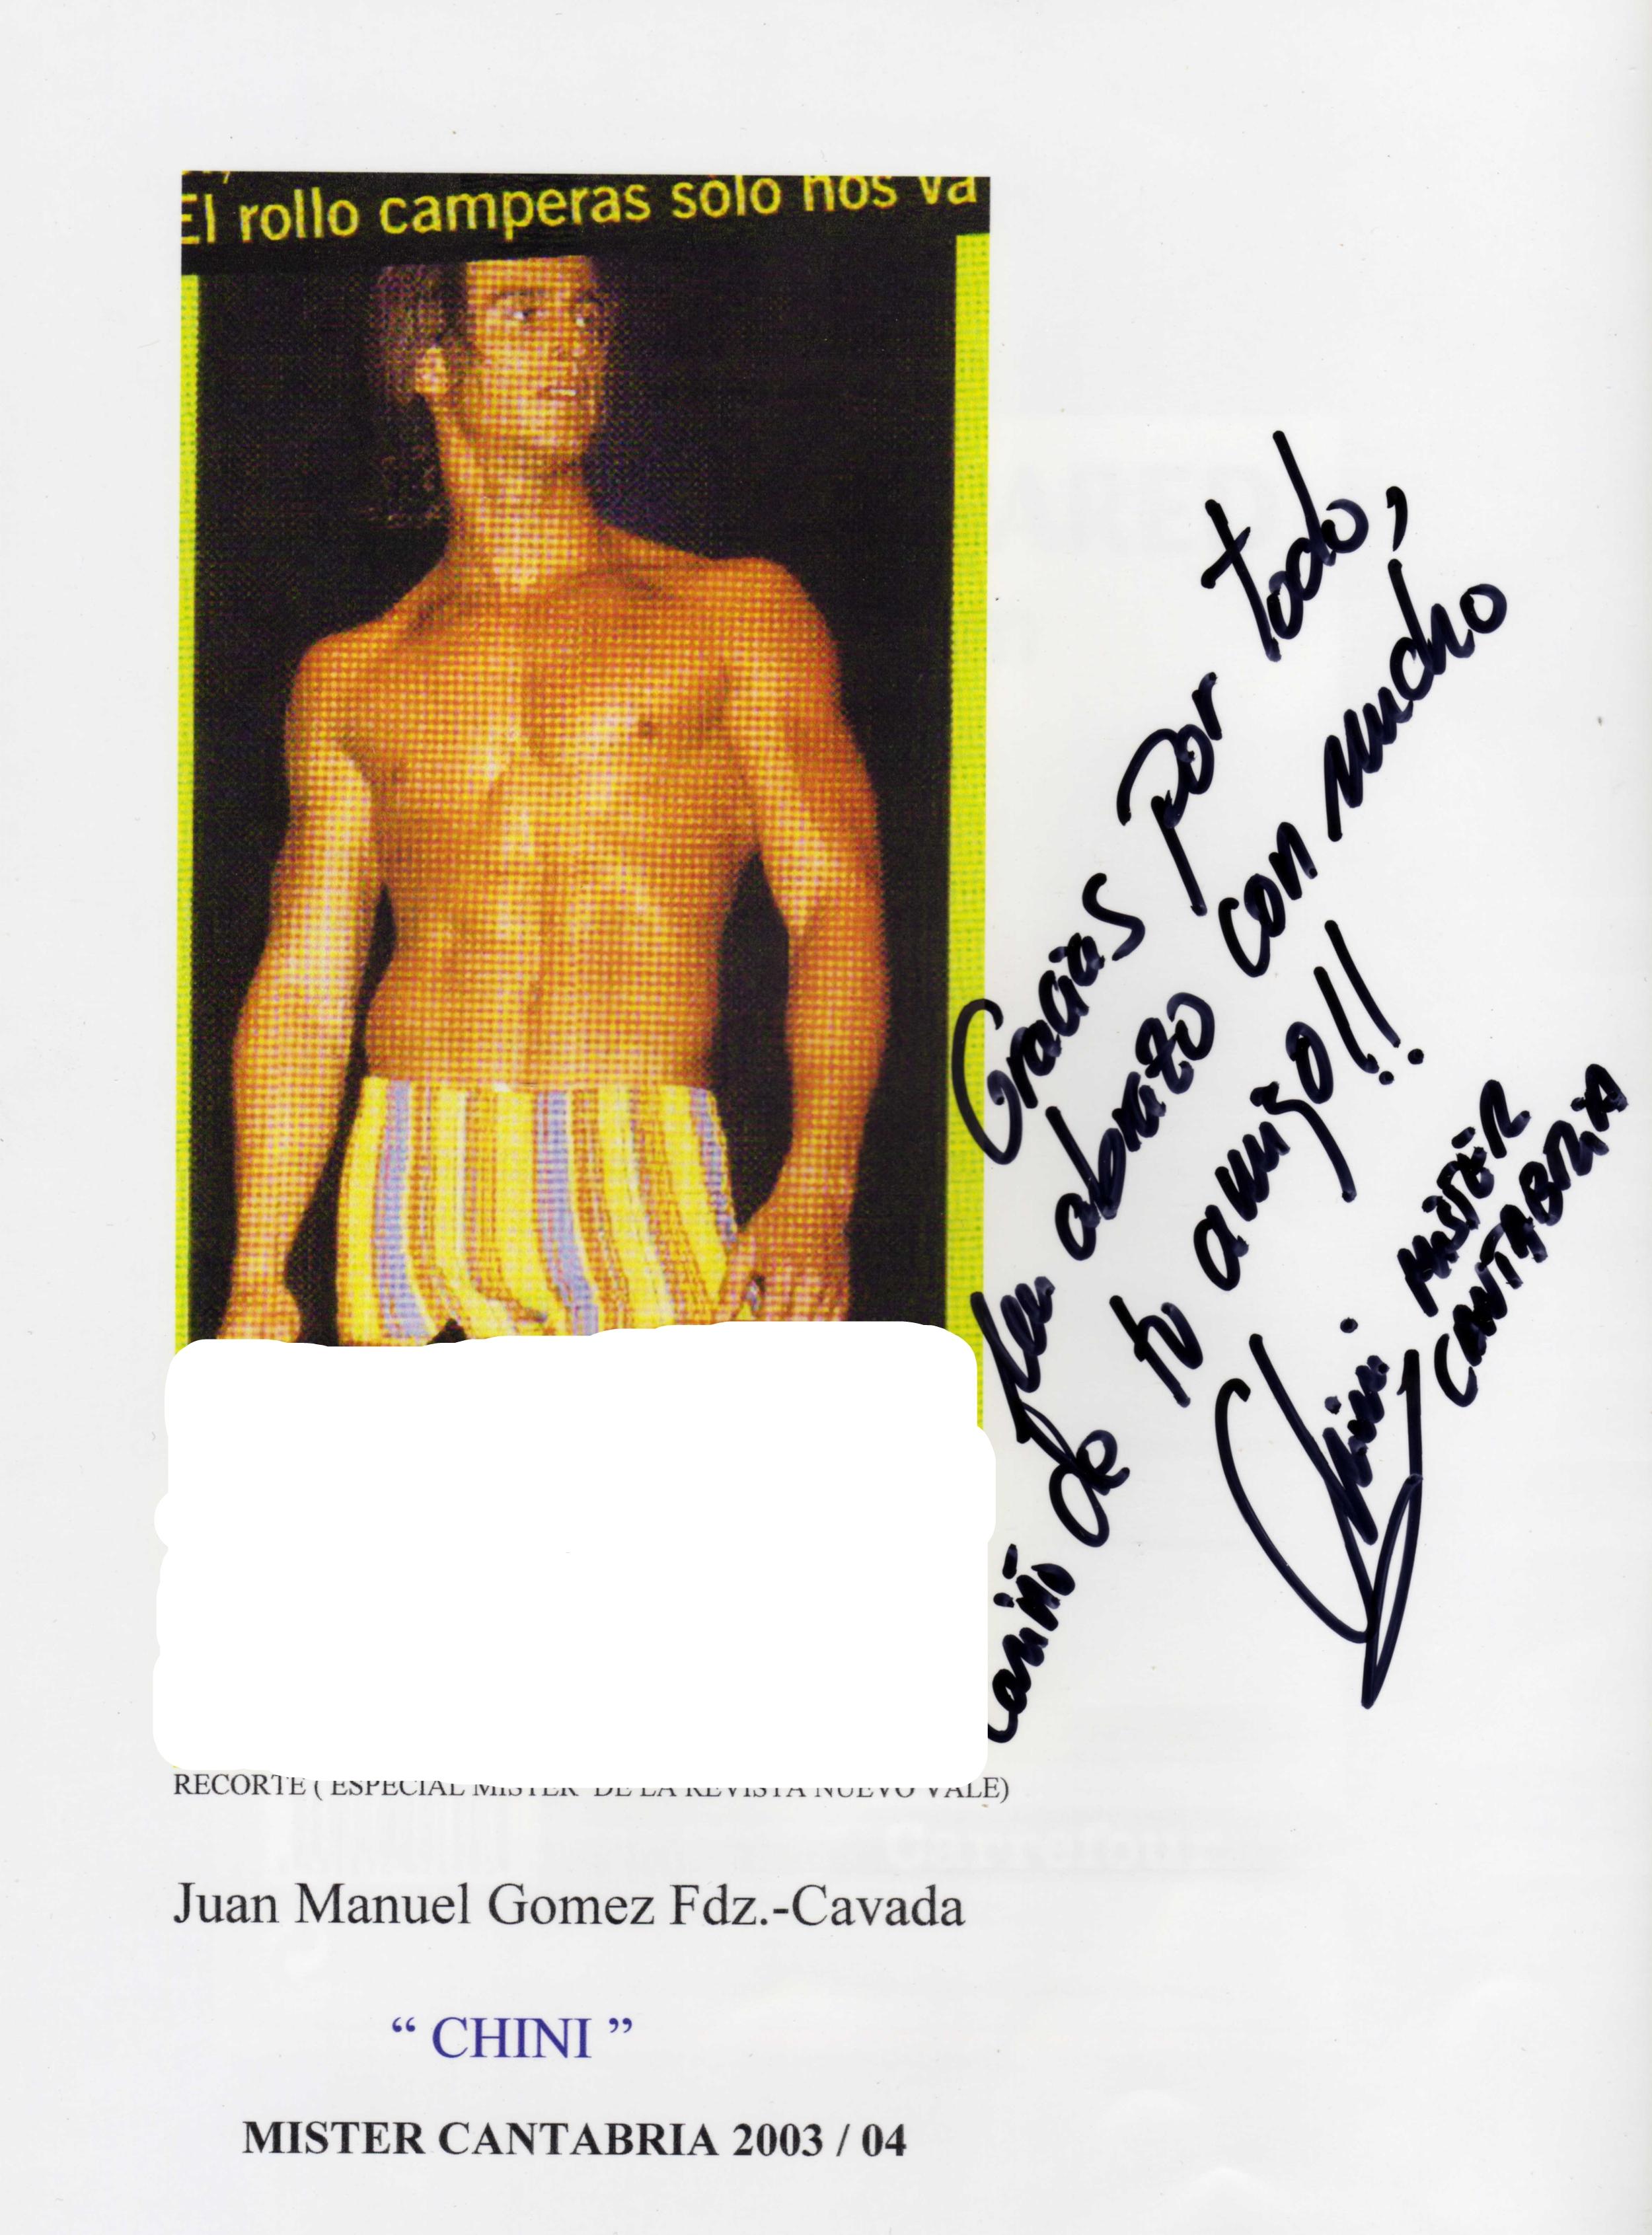 CHINI GOMEZ MR CANTABRIA